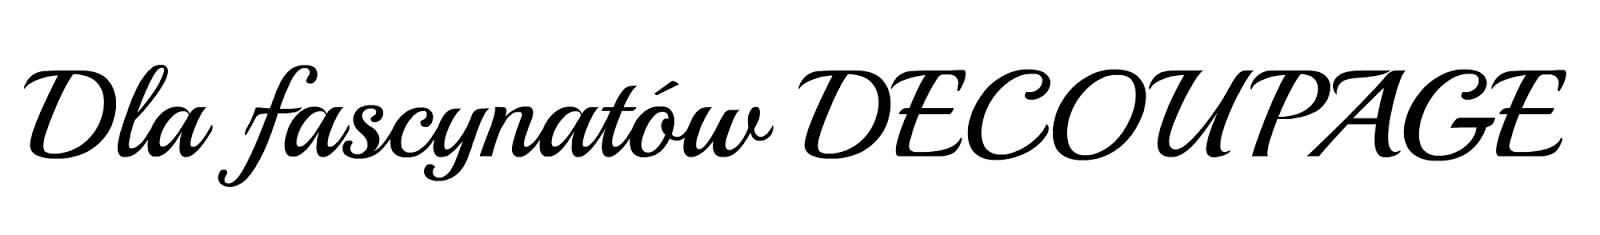 wszystko o decoupage: porady decoupage, tutoraile jak zrobić decoupage, inspiracje